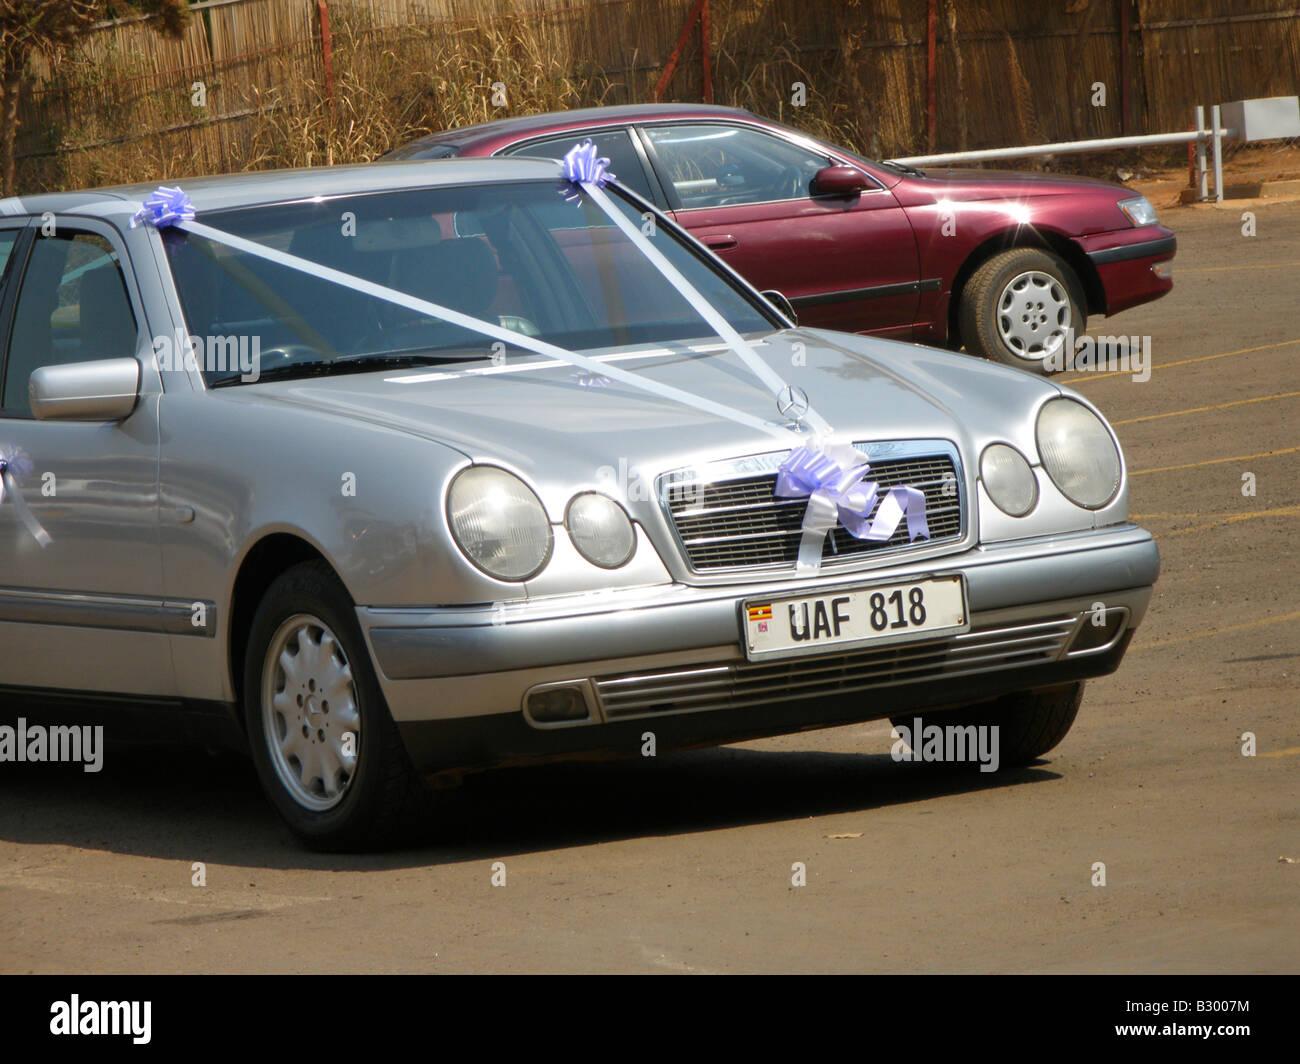 Typically decorated rented wedding entourage car, Uganda - Stock Image